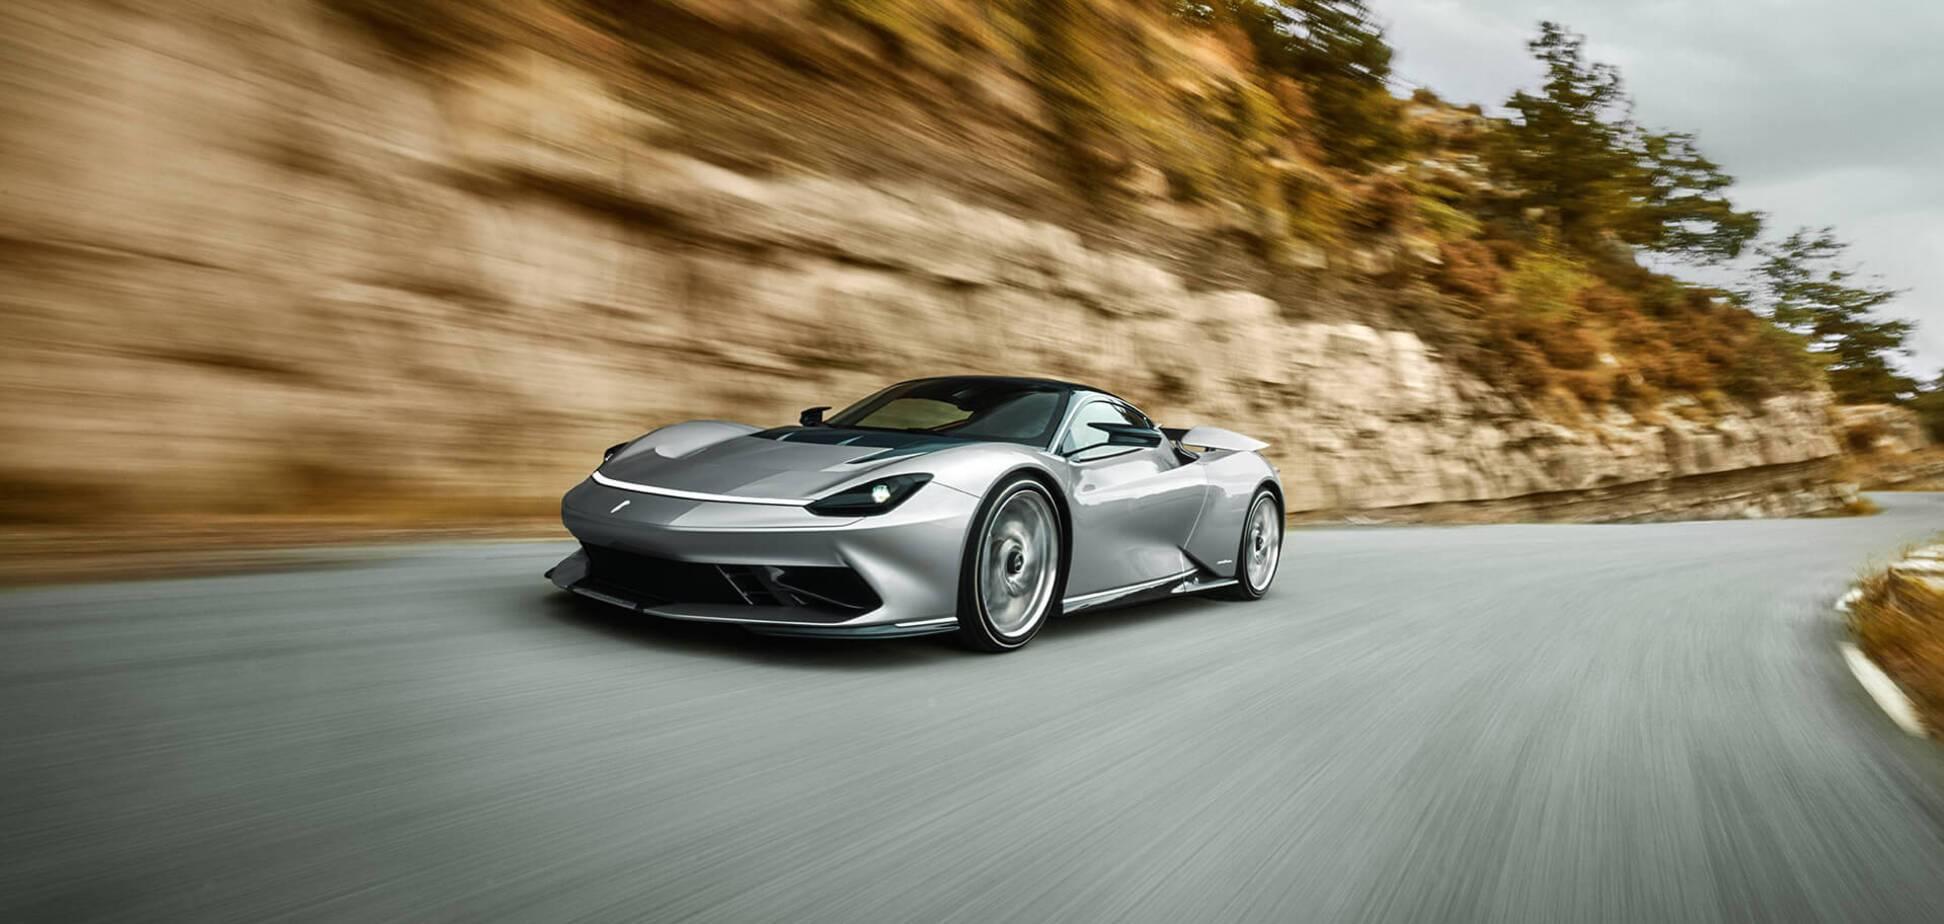 Электромобиль Pininfarina обошел лучшие бензиновые гиперкары: итог удивил даже создателей